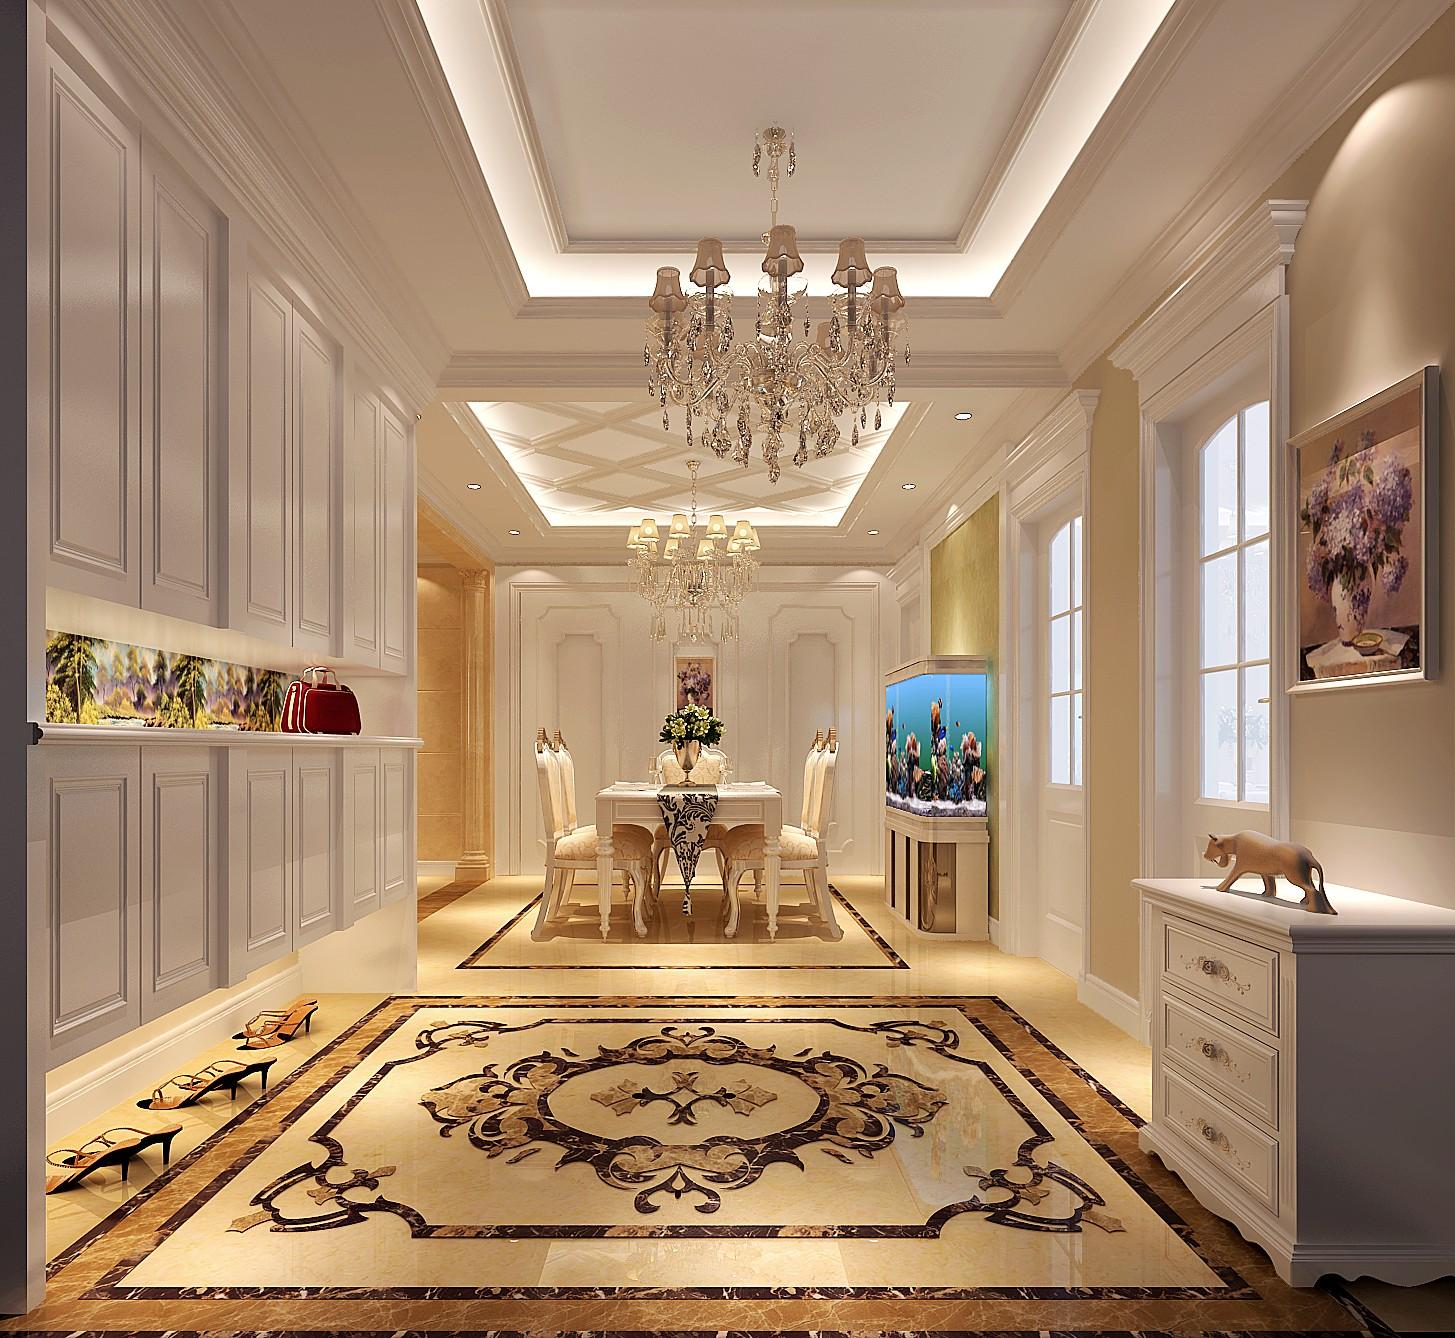 高度国际 中景未山赋 欧式 公寓 餐厅图片来自高度国际在高度国际-130平米欧式风格的分享